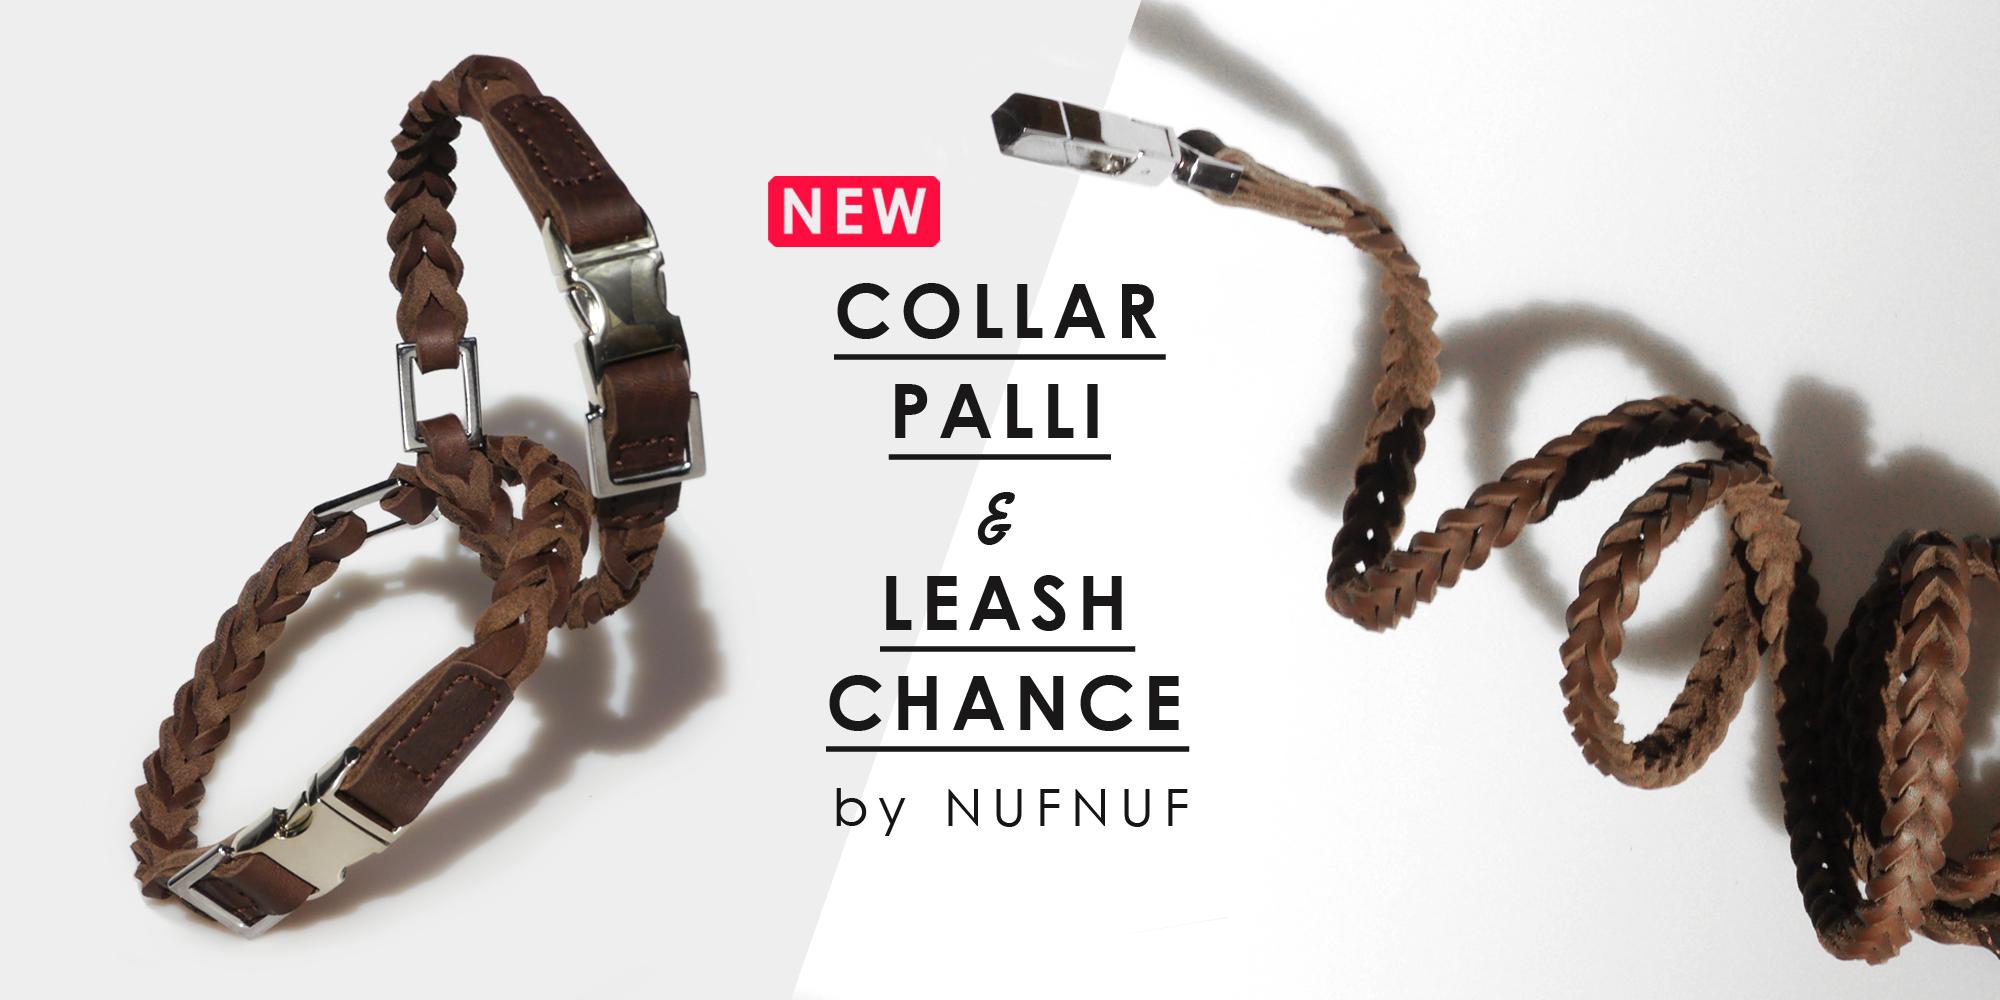 ヨーロッパで人気のドッグブランド「NUFNUF」から、新しいリードとカラーの紹介です。